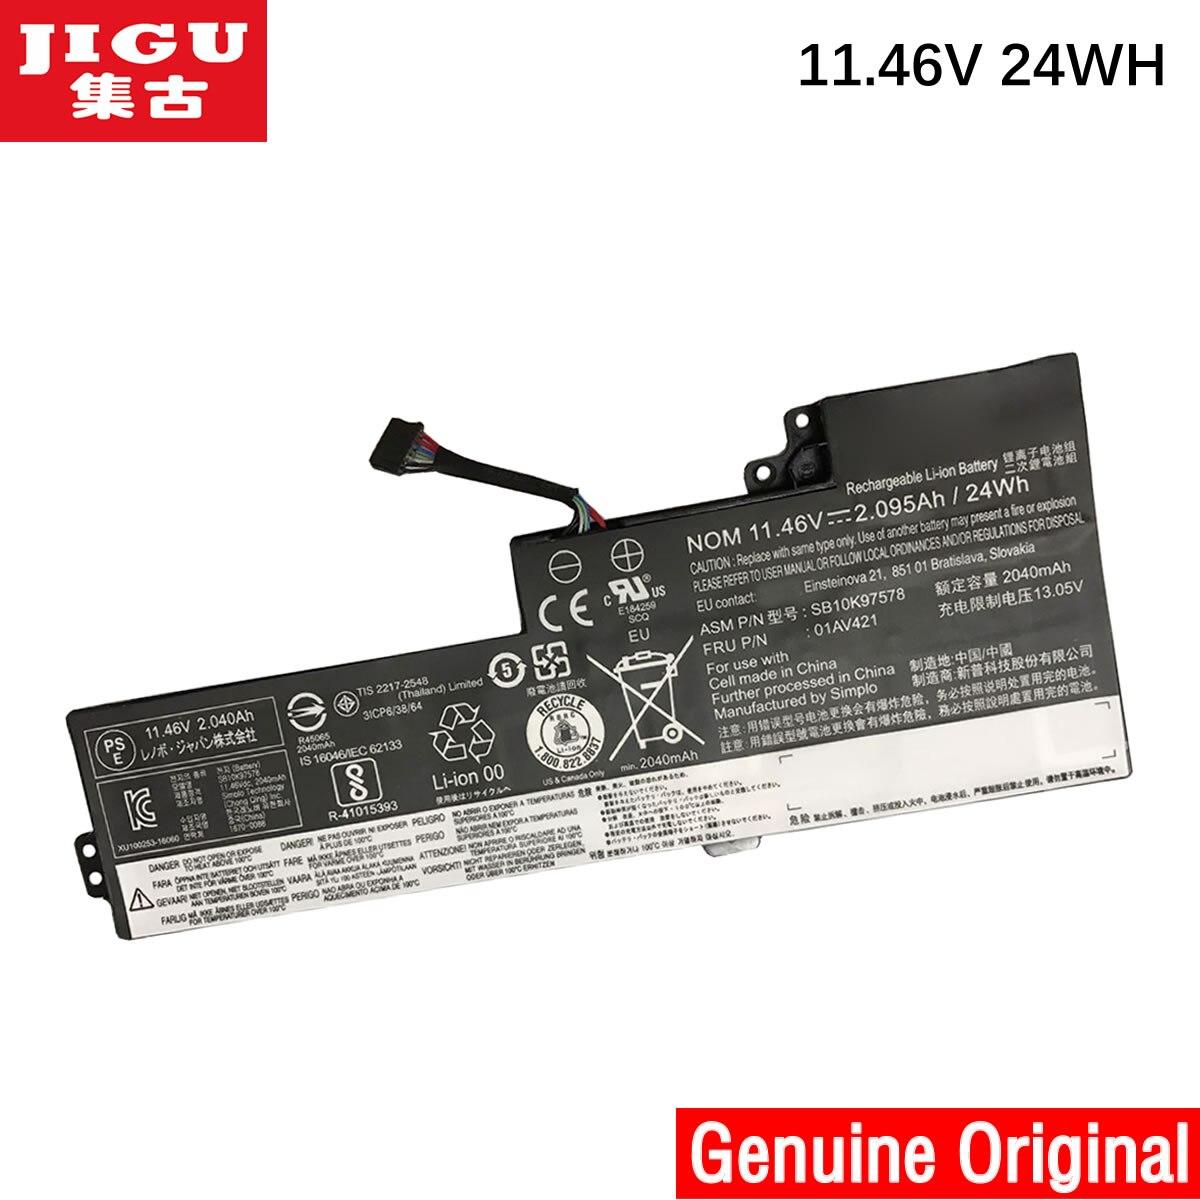 JIGU 11.46 V 24WH 01AV419 01AV420 SB10K97577 SB10K97578 D'origine Batterie de Tablette Pour LENOVO Pour ThinkPad 25 T470 T480